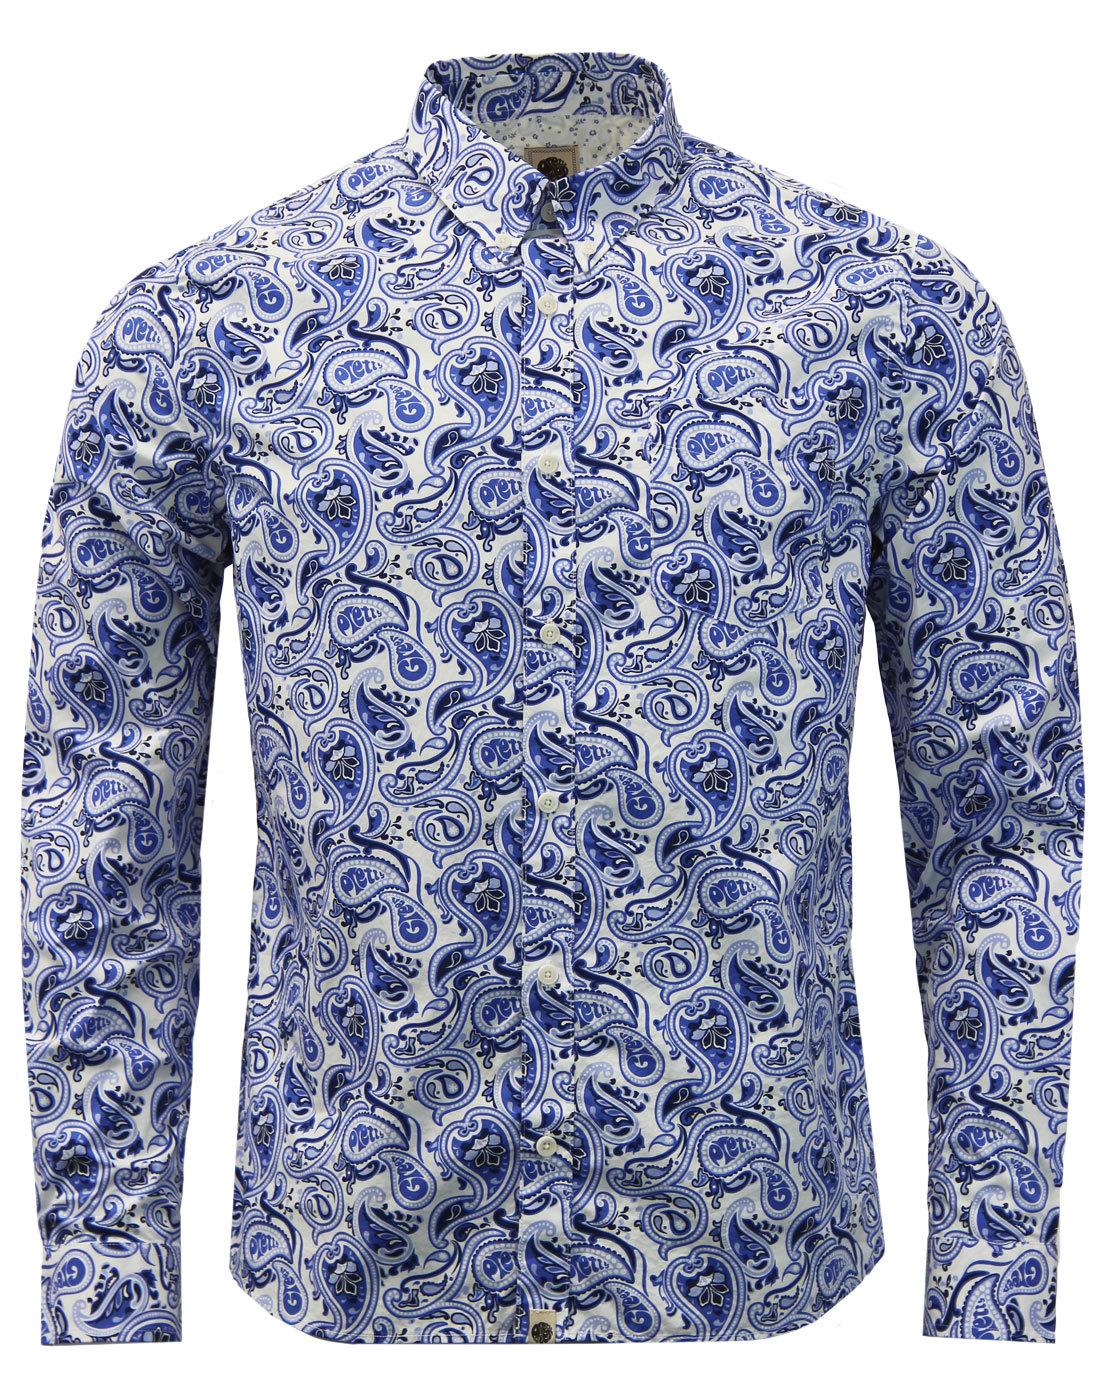 Caversham PRETTY GREEN Retro 60s Mod Paisley Shirt